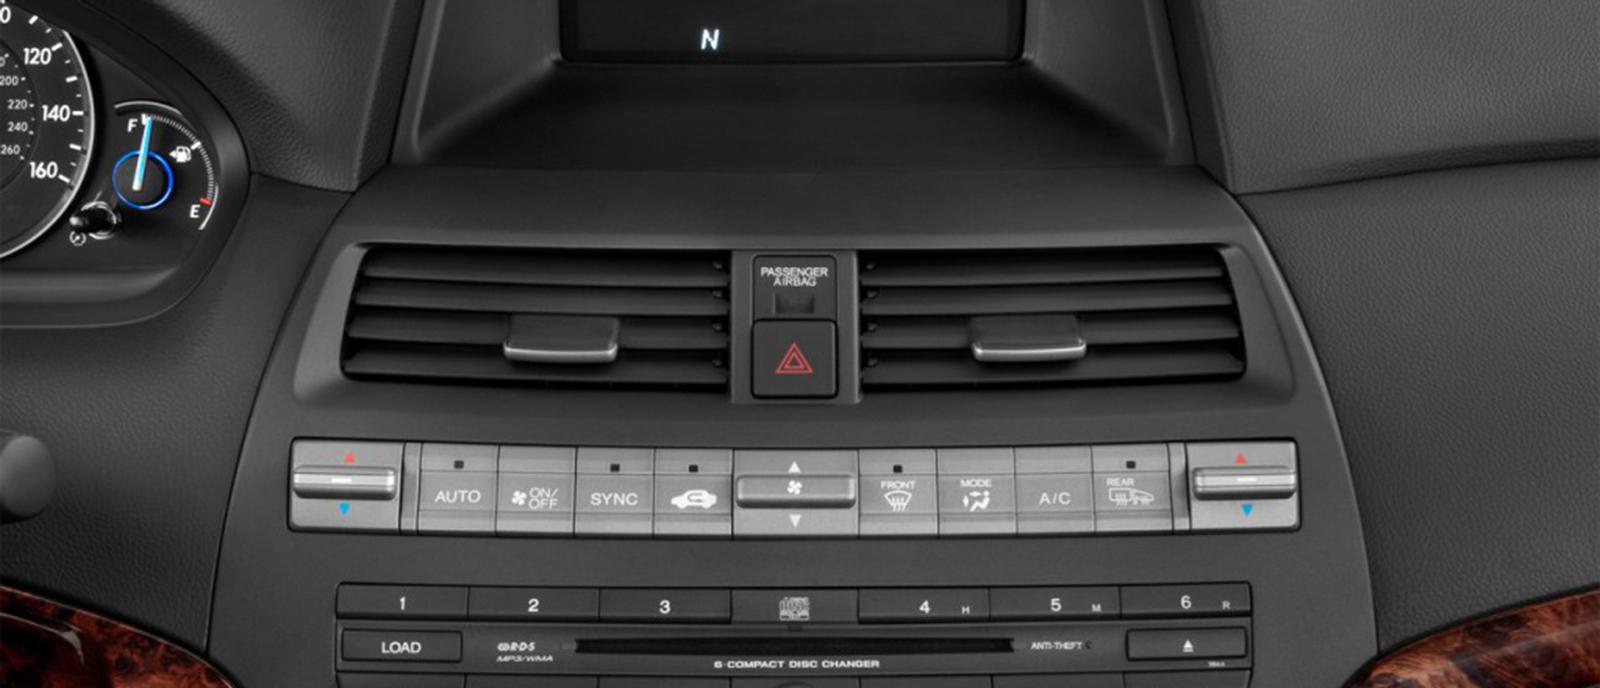 2012 Honda Accord Console